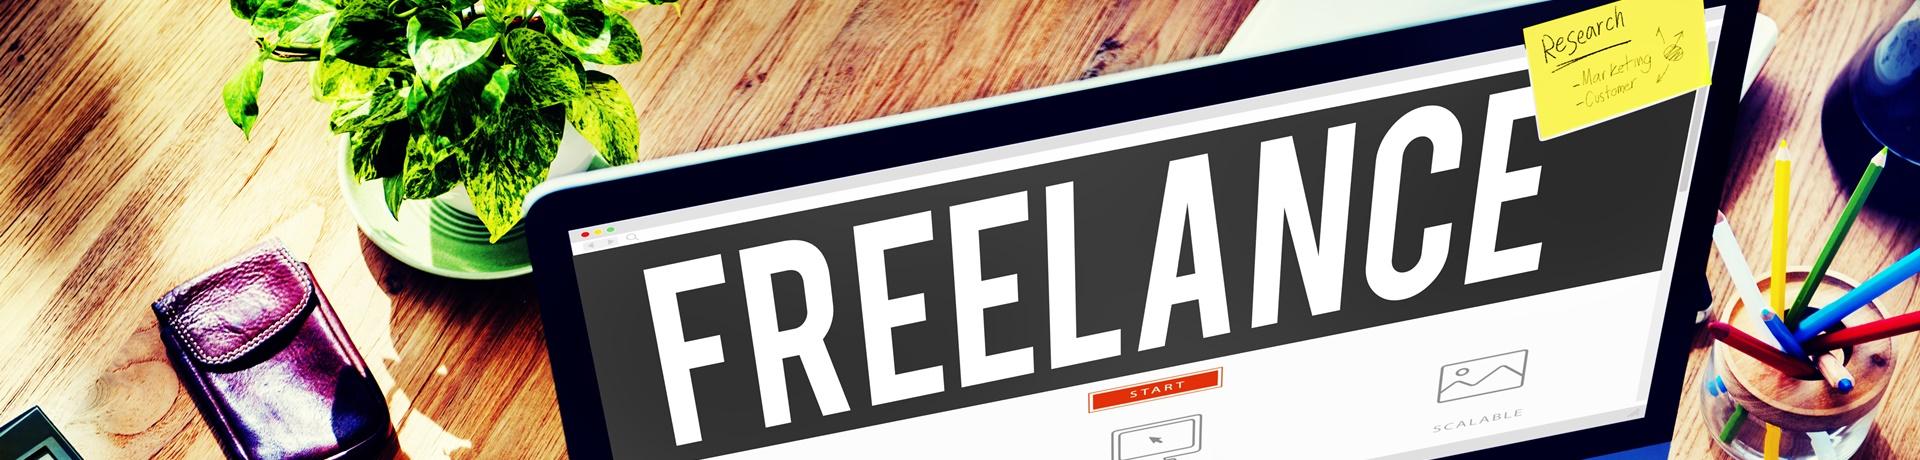 Freelance,Part,Time,Outsources,Job,Employment,Concept